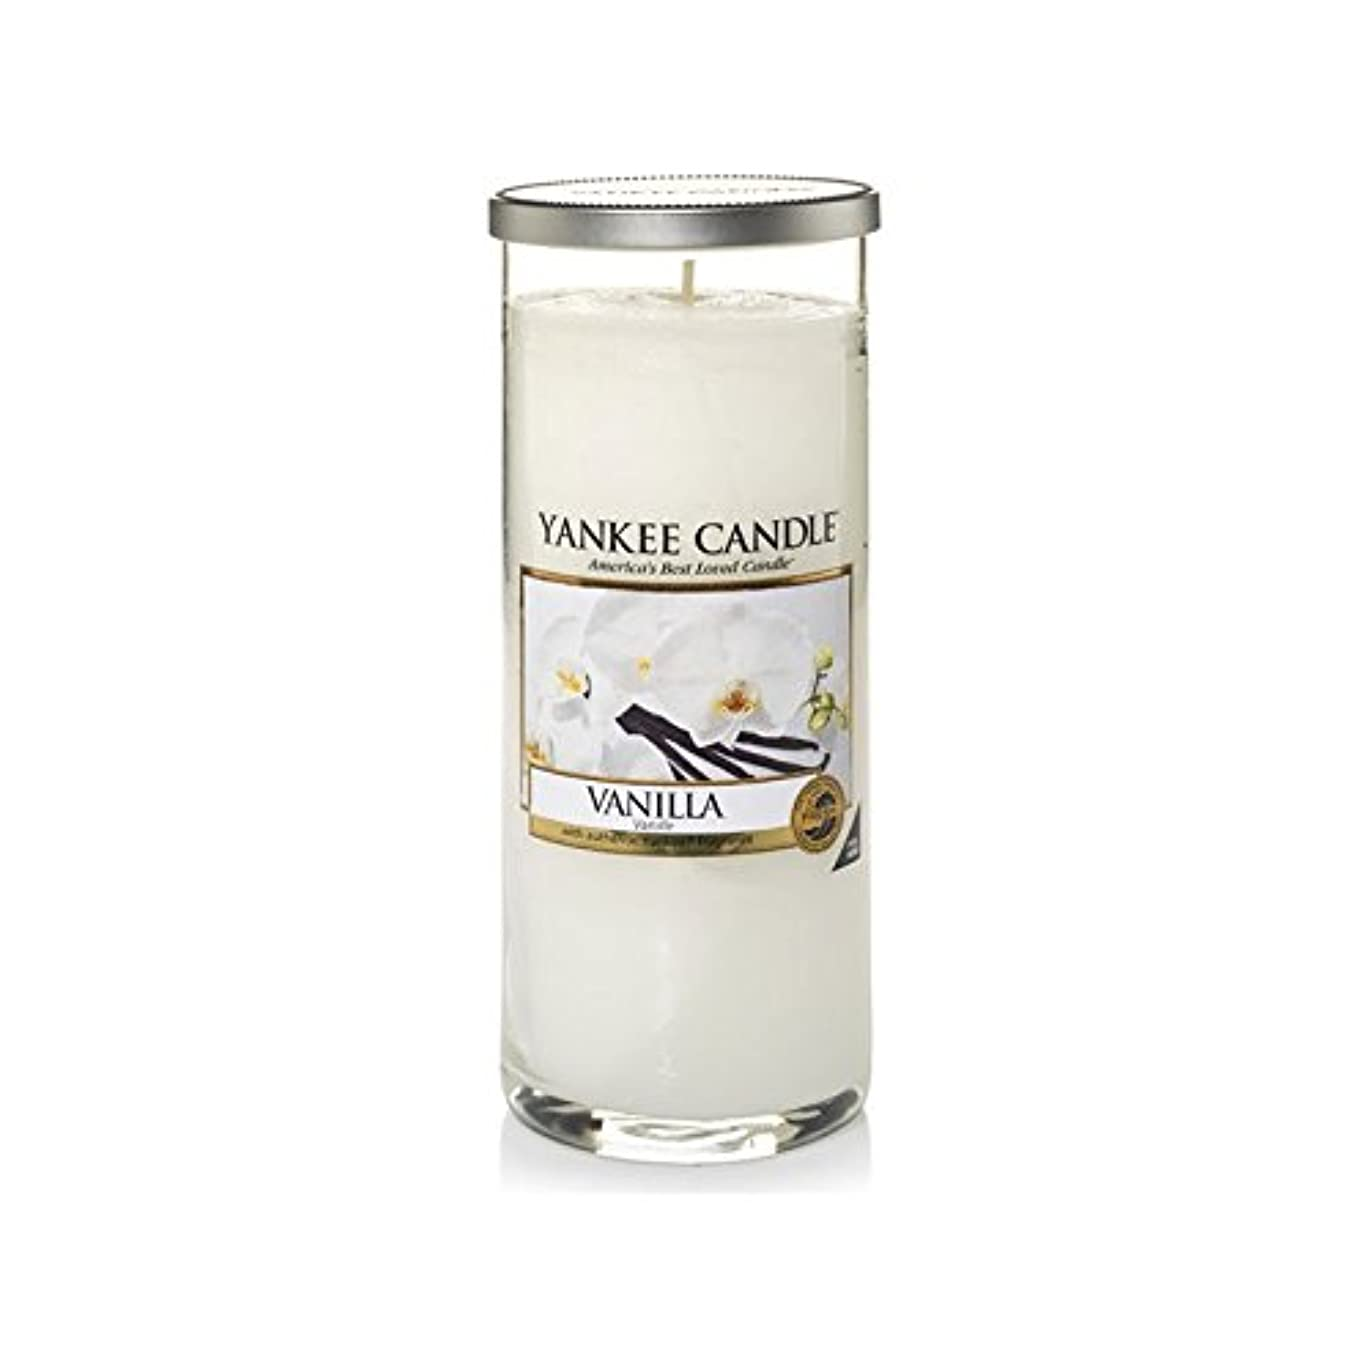 ツーリスト慣習フラップYankee Candles Large Pillar Candle - Vanilla (Pack of 2) - ヤンキーキャンドル大きな柱キャンドル - バニラ (x2) [並行輸入品]